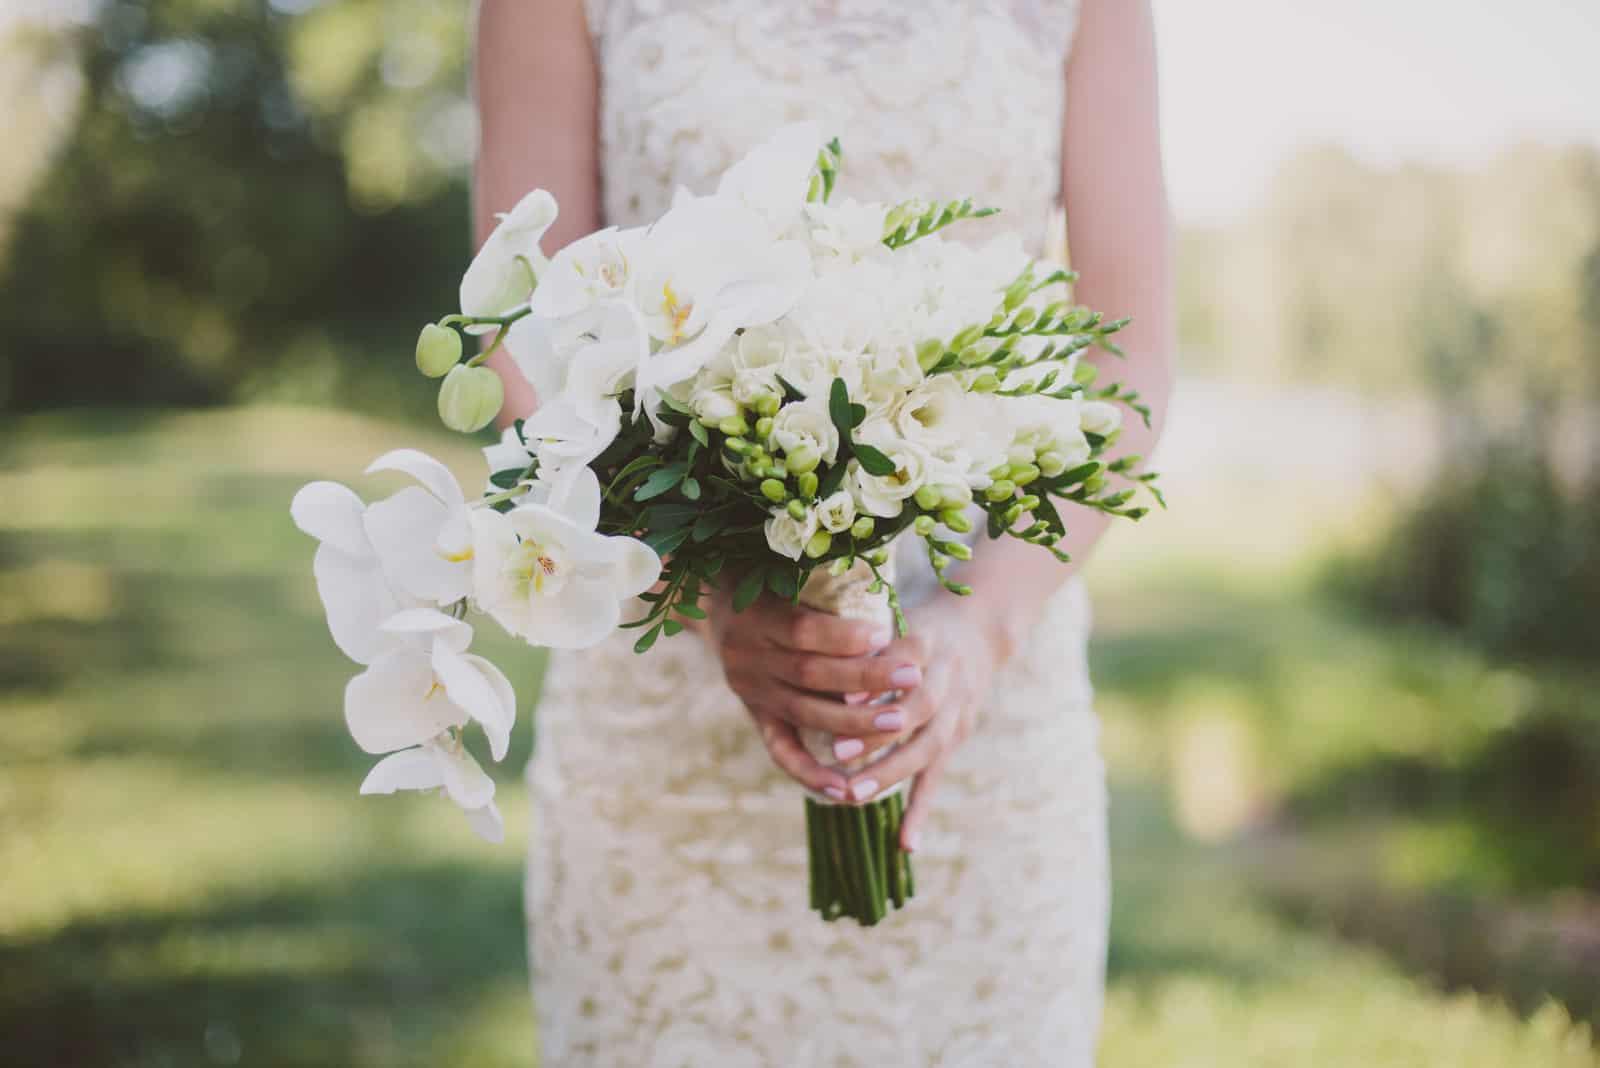 Hochzeitsstrauß von Orchideen